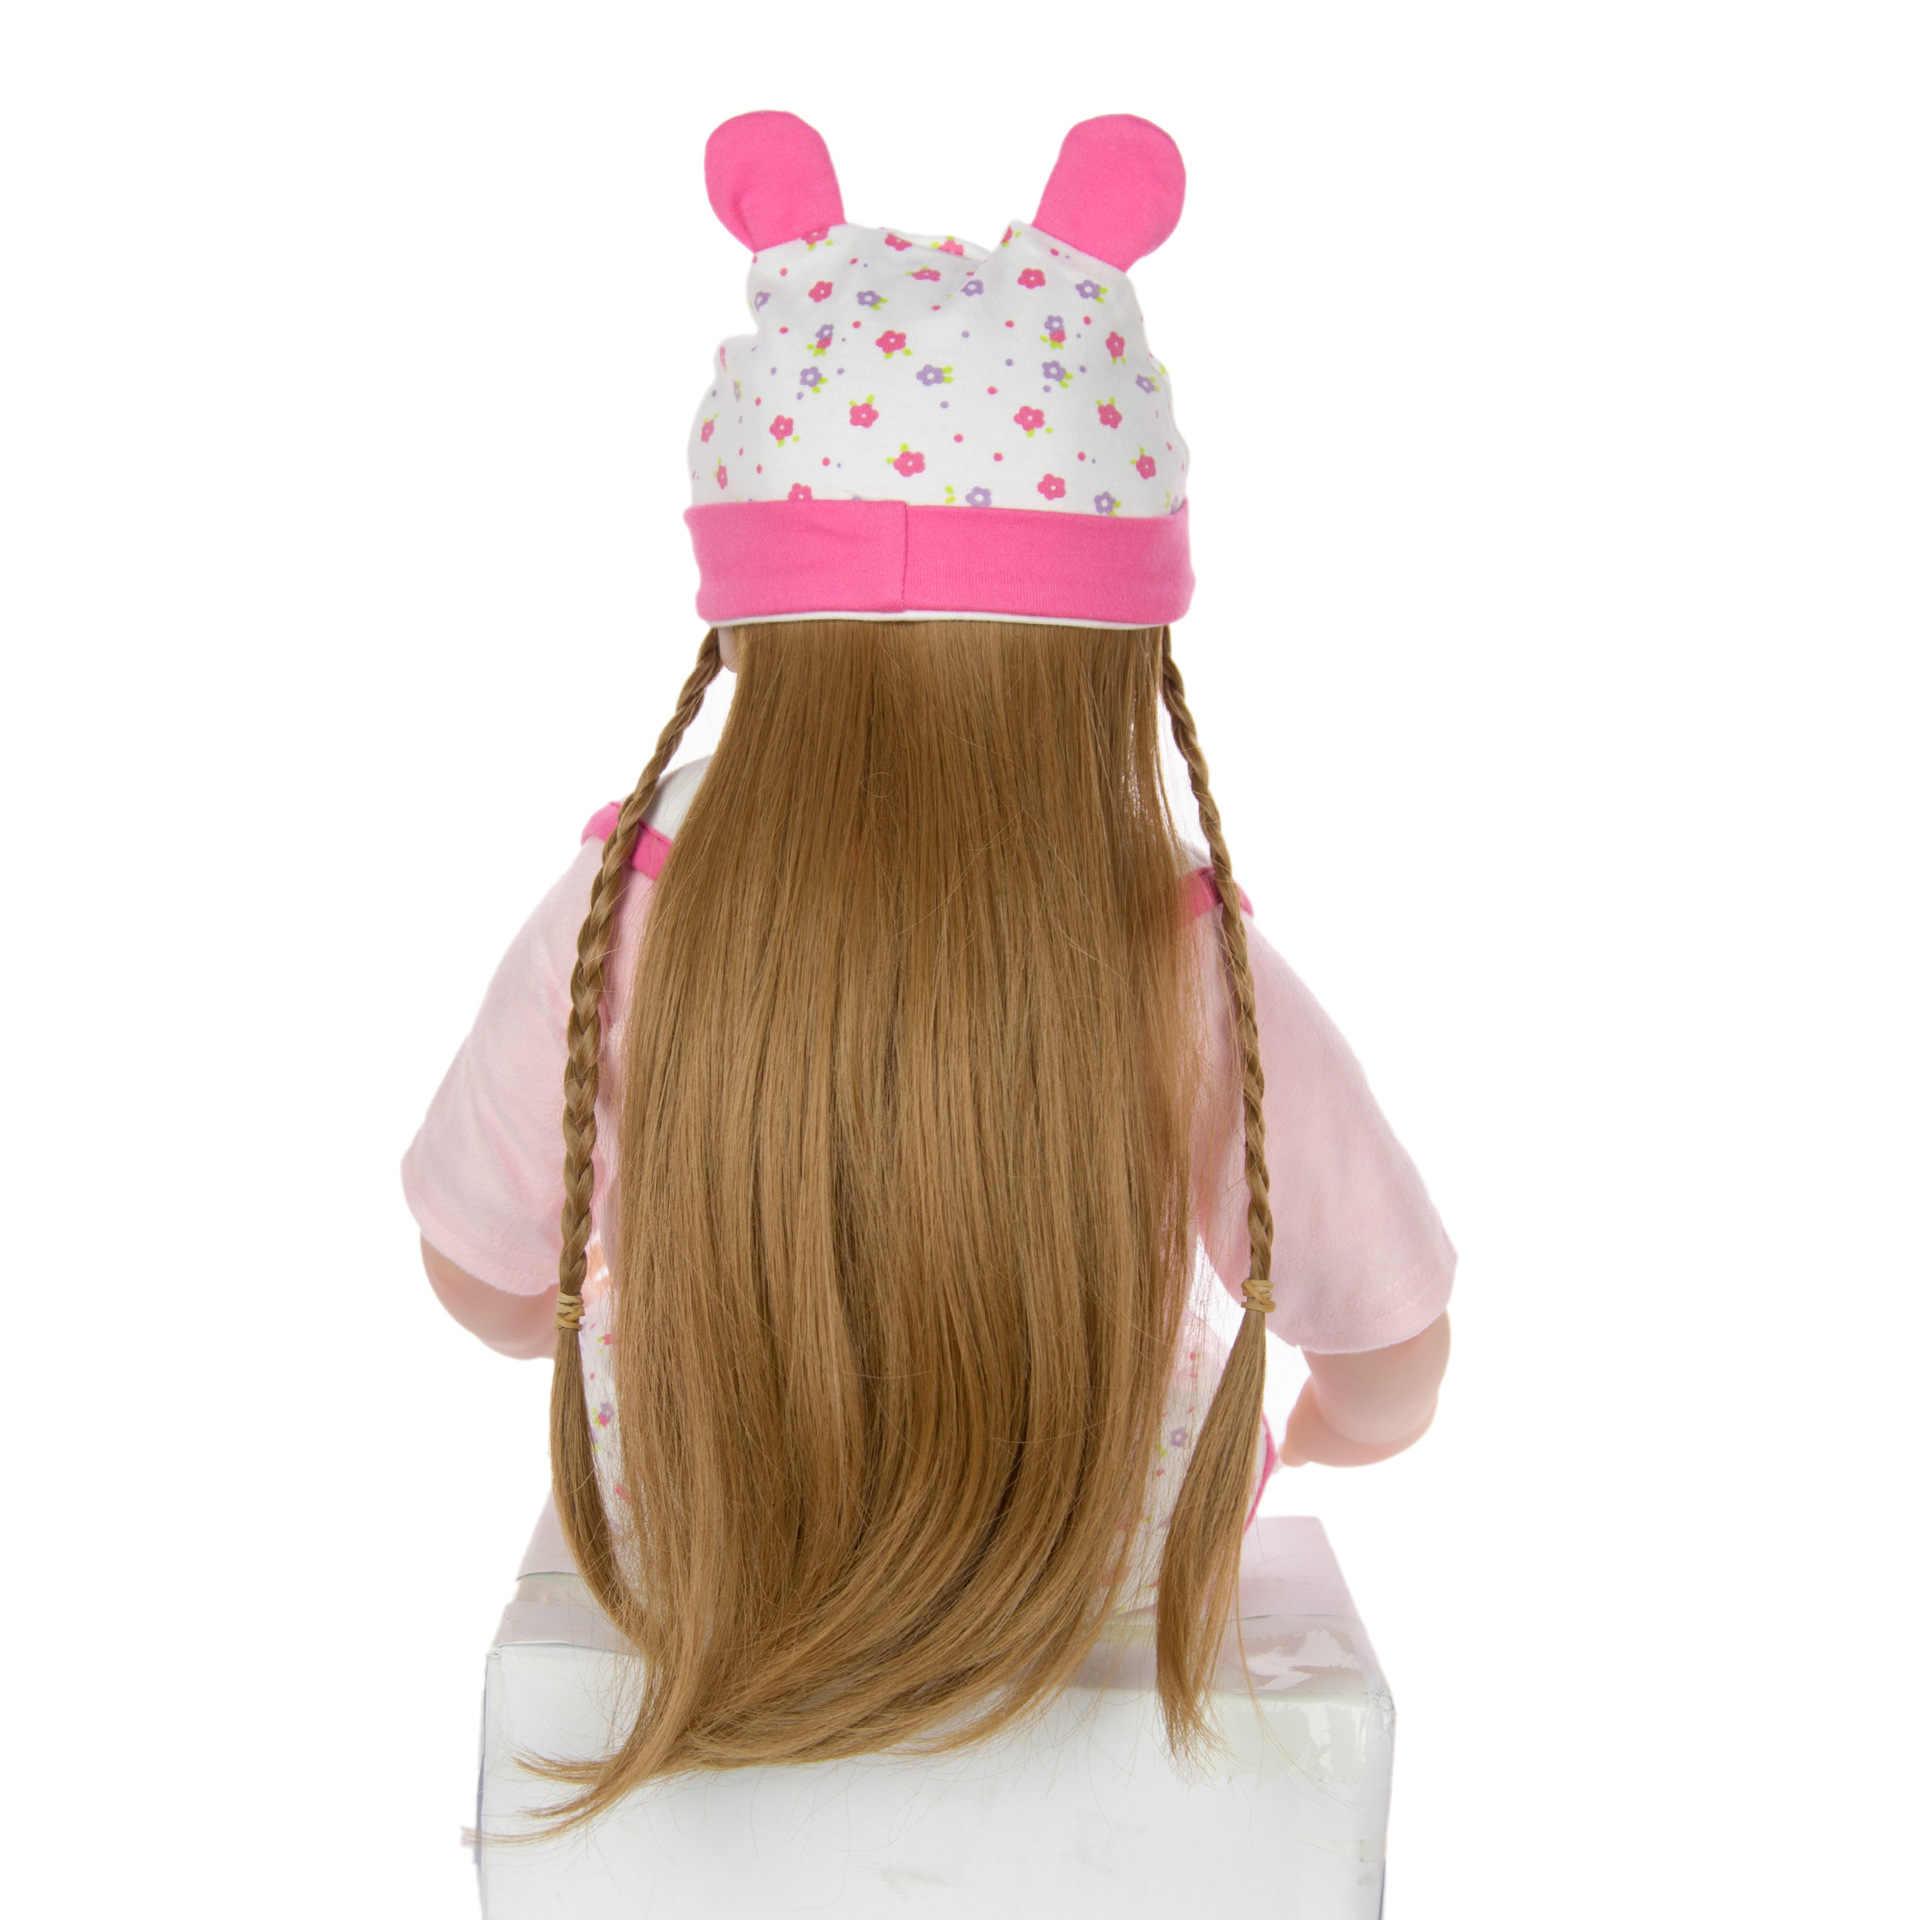 24 дюймовые куклы Reborn 60 см мягкие силиконовые реалистичные для принцессы для девочки кукла для продажи bebes кукла-реборн младенец игрушка детский подарок на день рождения